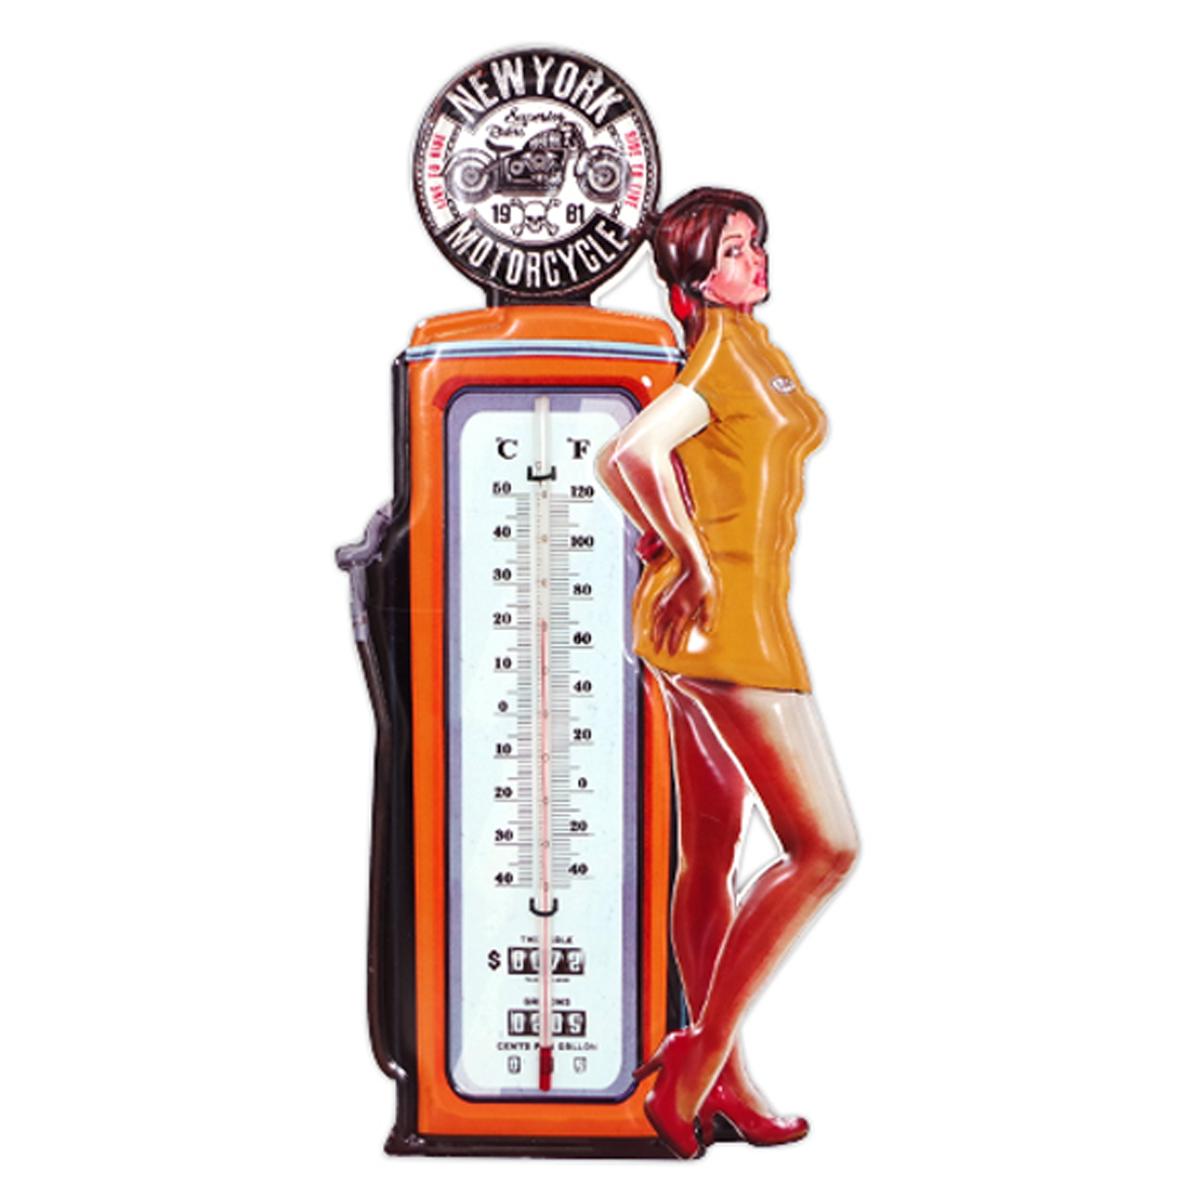 Thermomètre métal vintage \'New York Motorcycle\' pompe à essence - 48x23 cm - [A1134]